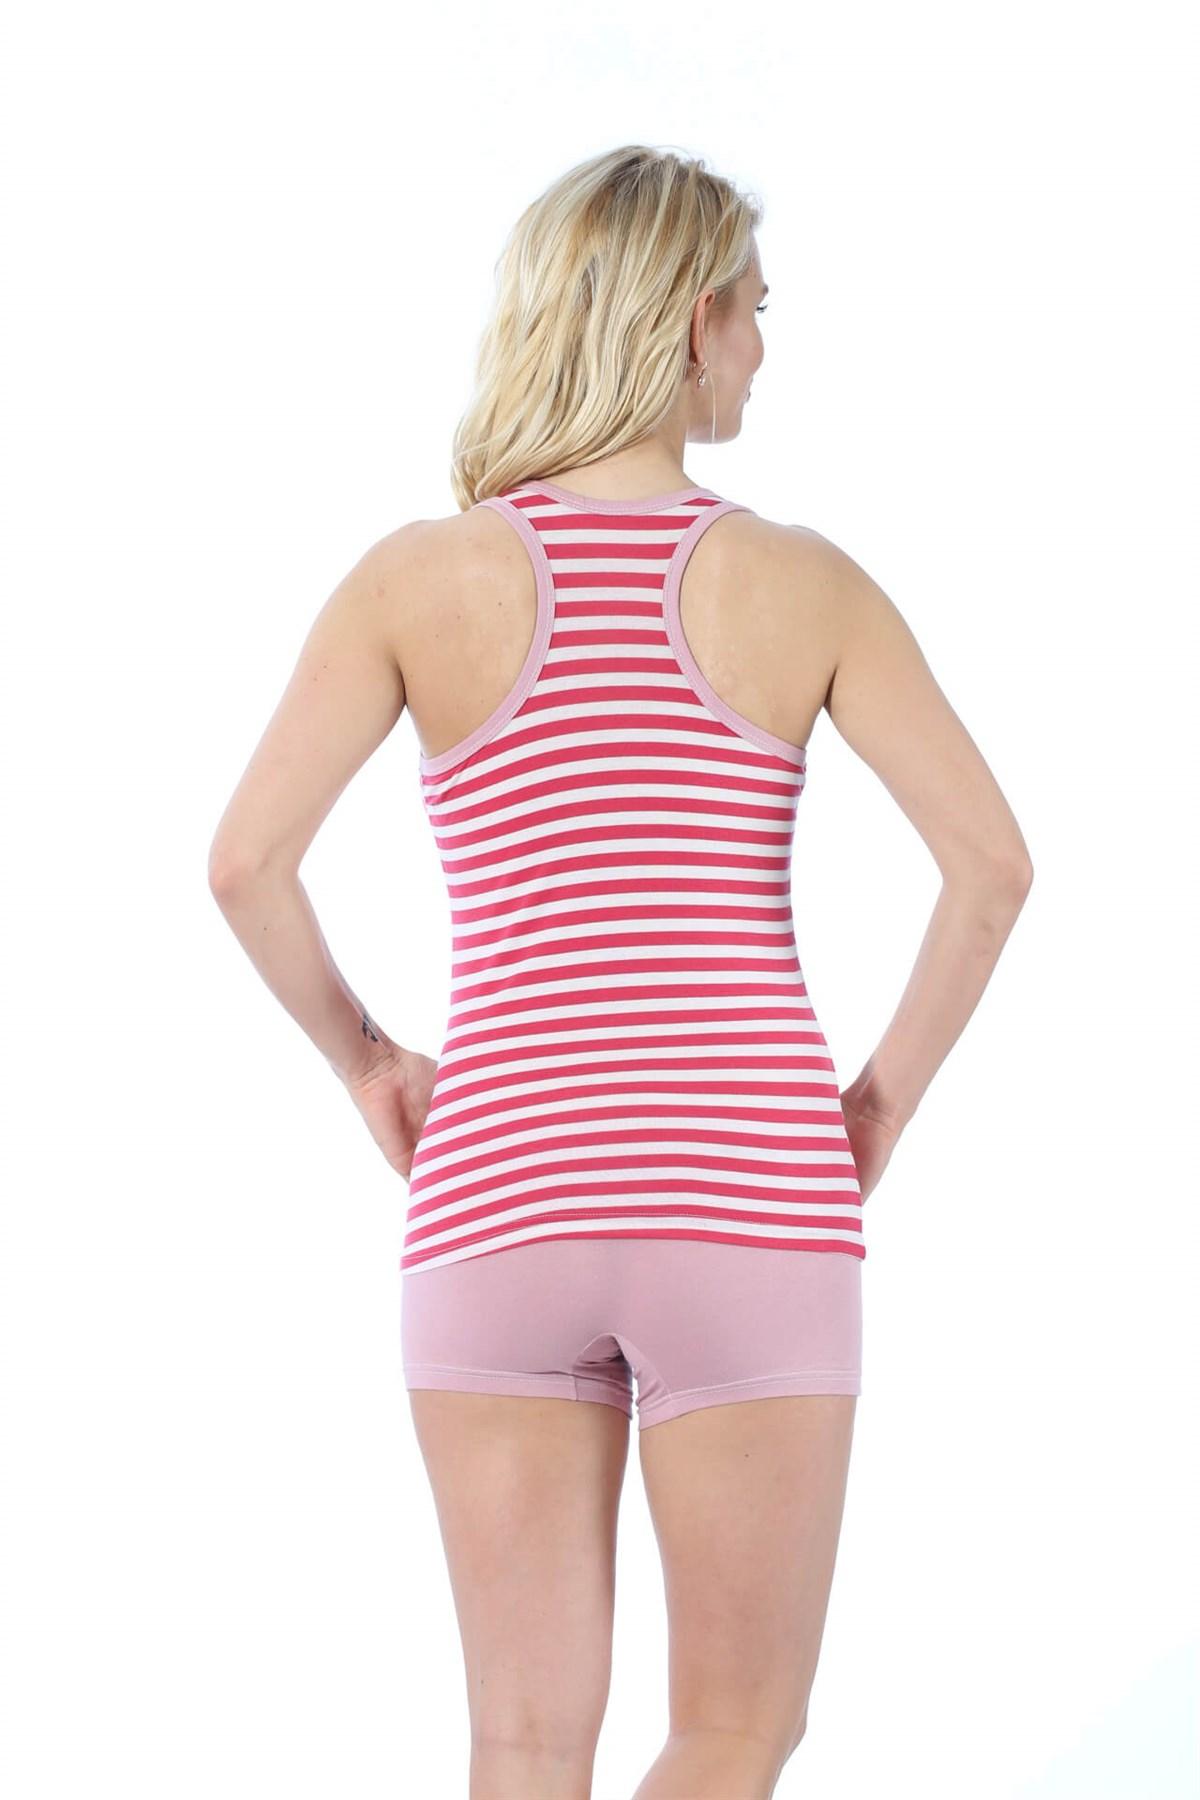 Moda Çizgi Kadın Kalın Askılı Mercan Beyaz Renkli Şortlu Pijama Takımı 413